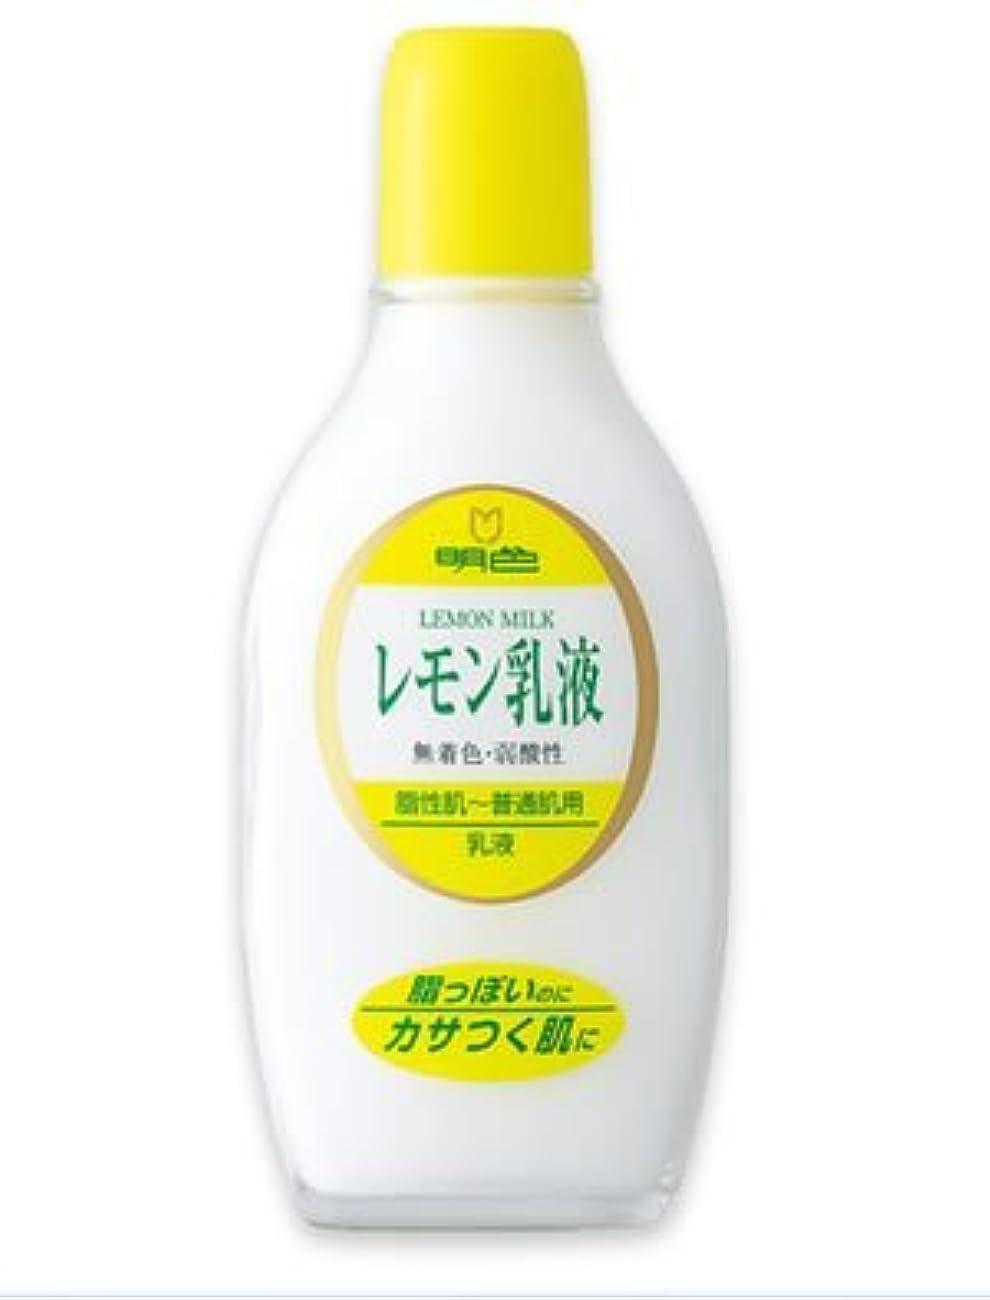 関係アカデミック淡い(明色)レモン乳液 158ml